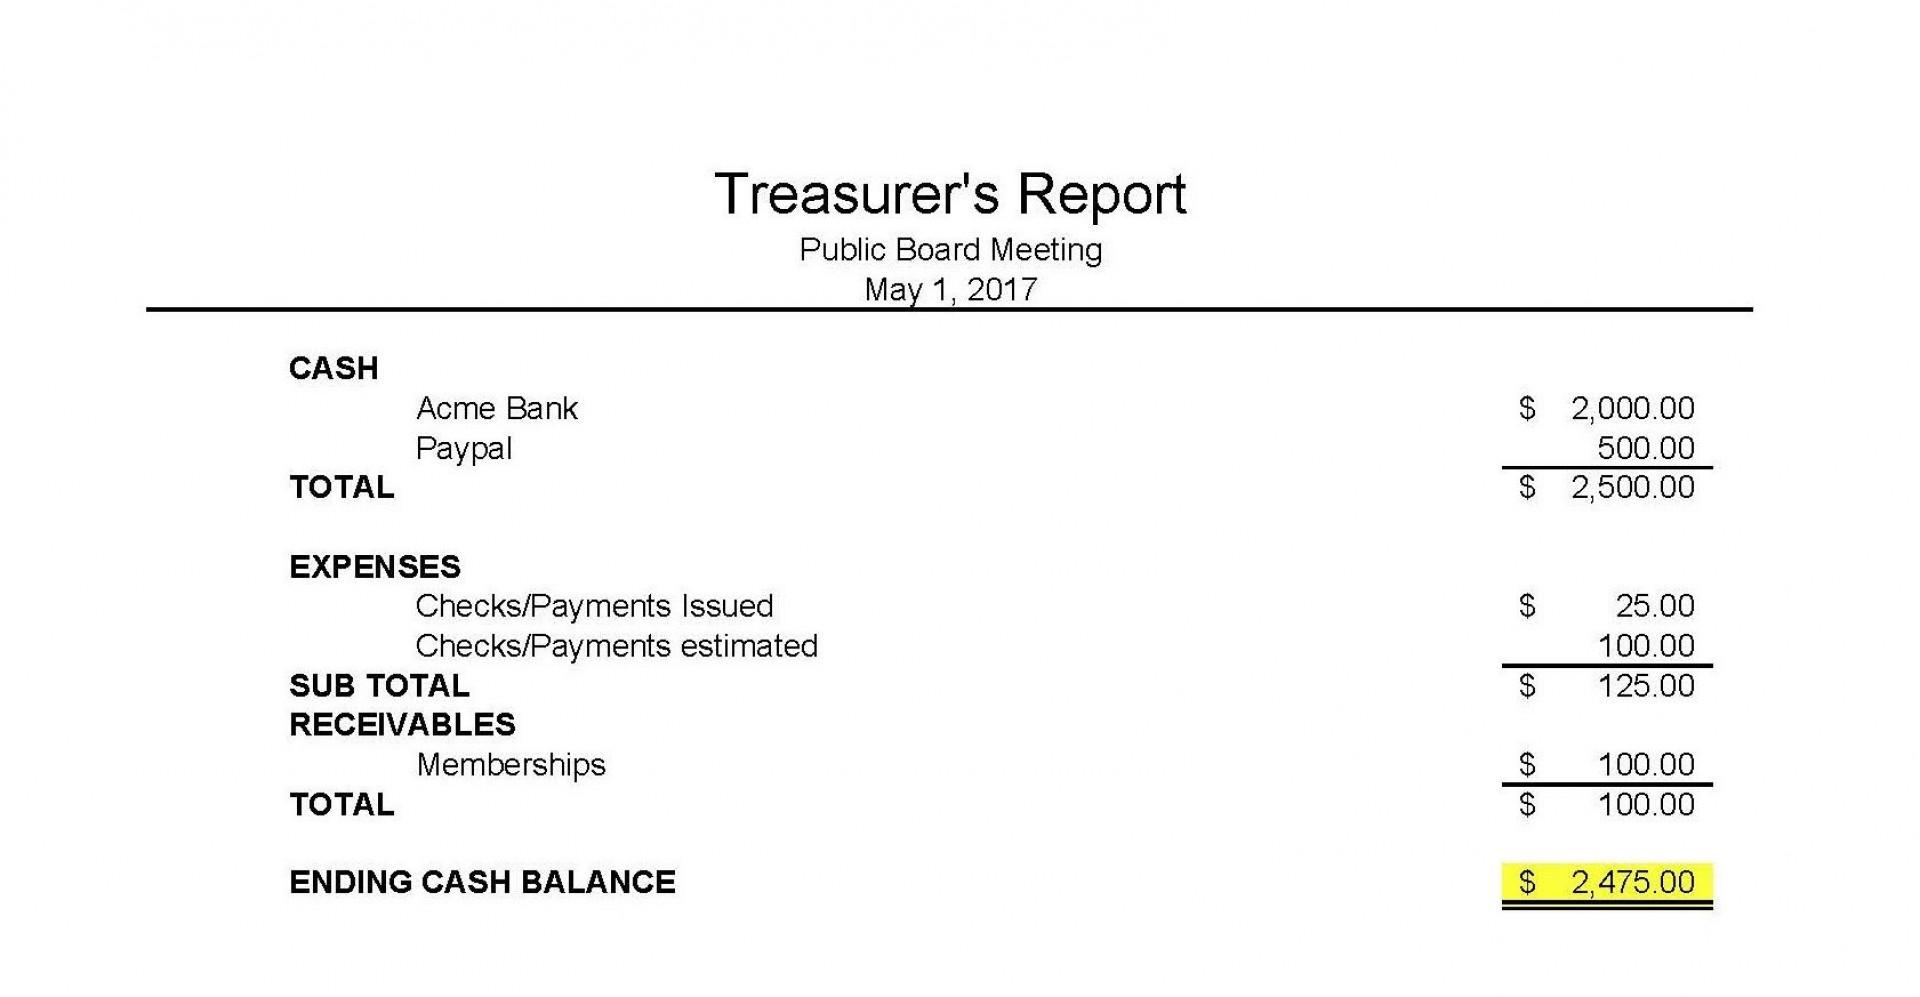 003 Fearsome Treasurer Report Template Non Profit Design  Treasurer' Word Free For Nonprofit Organization1920